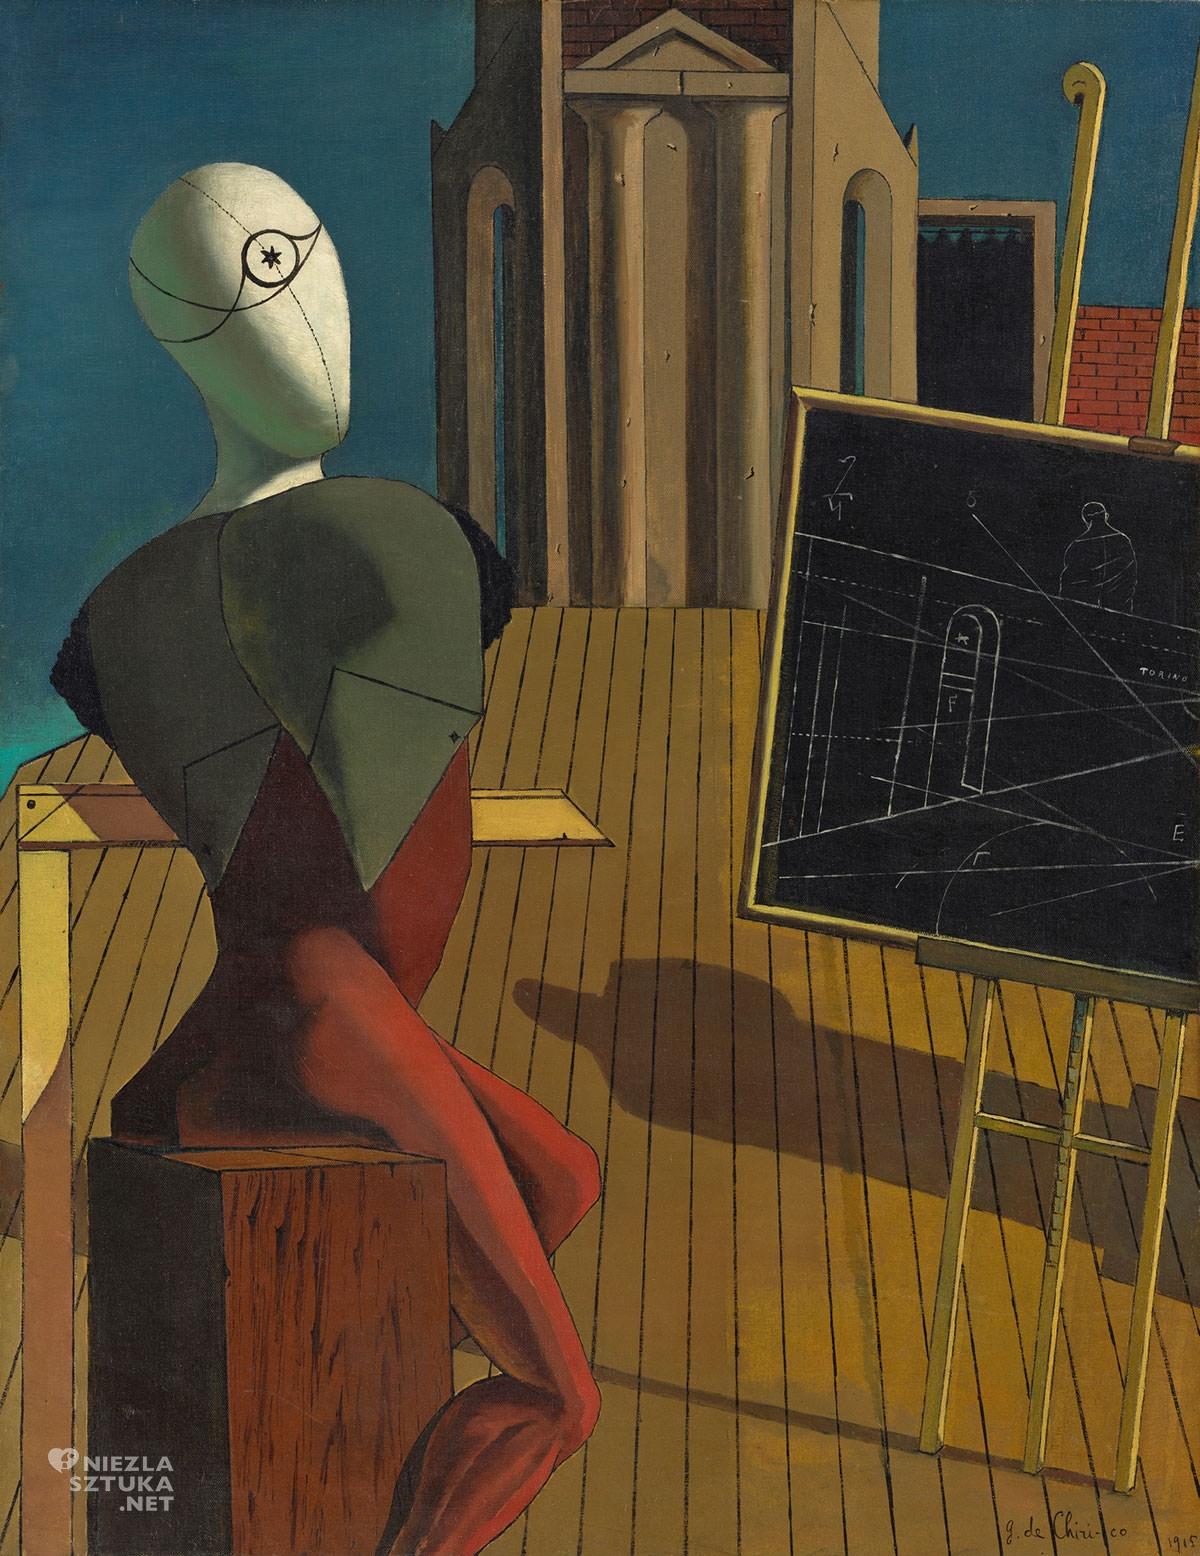 Giorgio de Chirico, Jasnowidz, sztuka włoska, malarstwo włoskie, surrealizm włoski, malarstwo metafizyczne, początek surrealizmu, modernizm, Niezła Sztuka